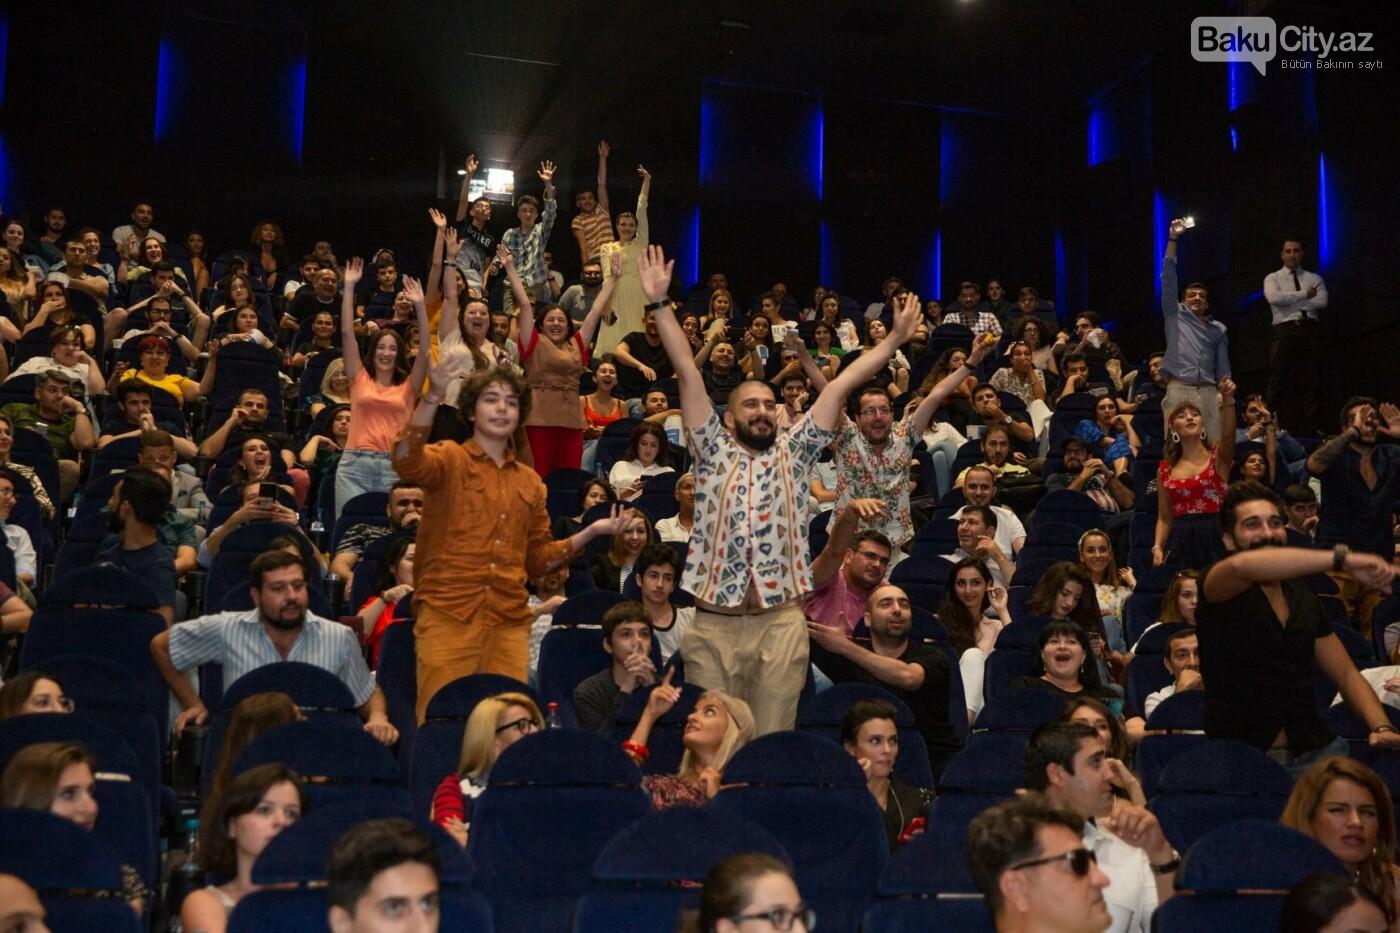 Bakıda dünya şöhrətli rejissorun filmi nümayiş olundu - FOTO, fotoşəkil-50